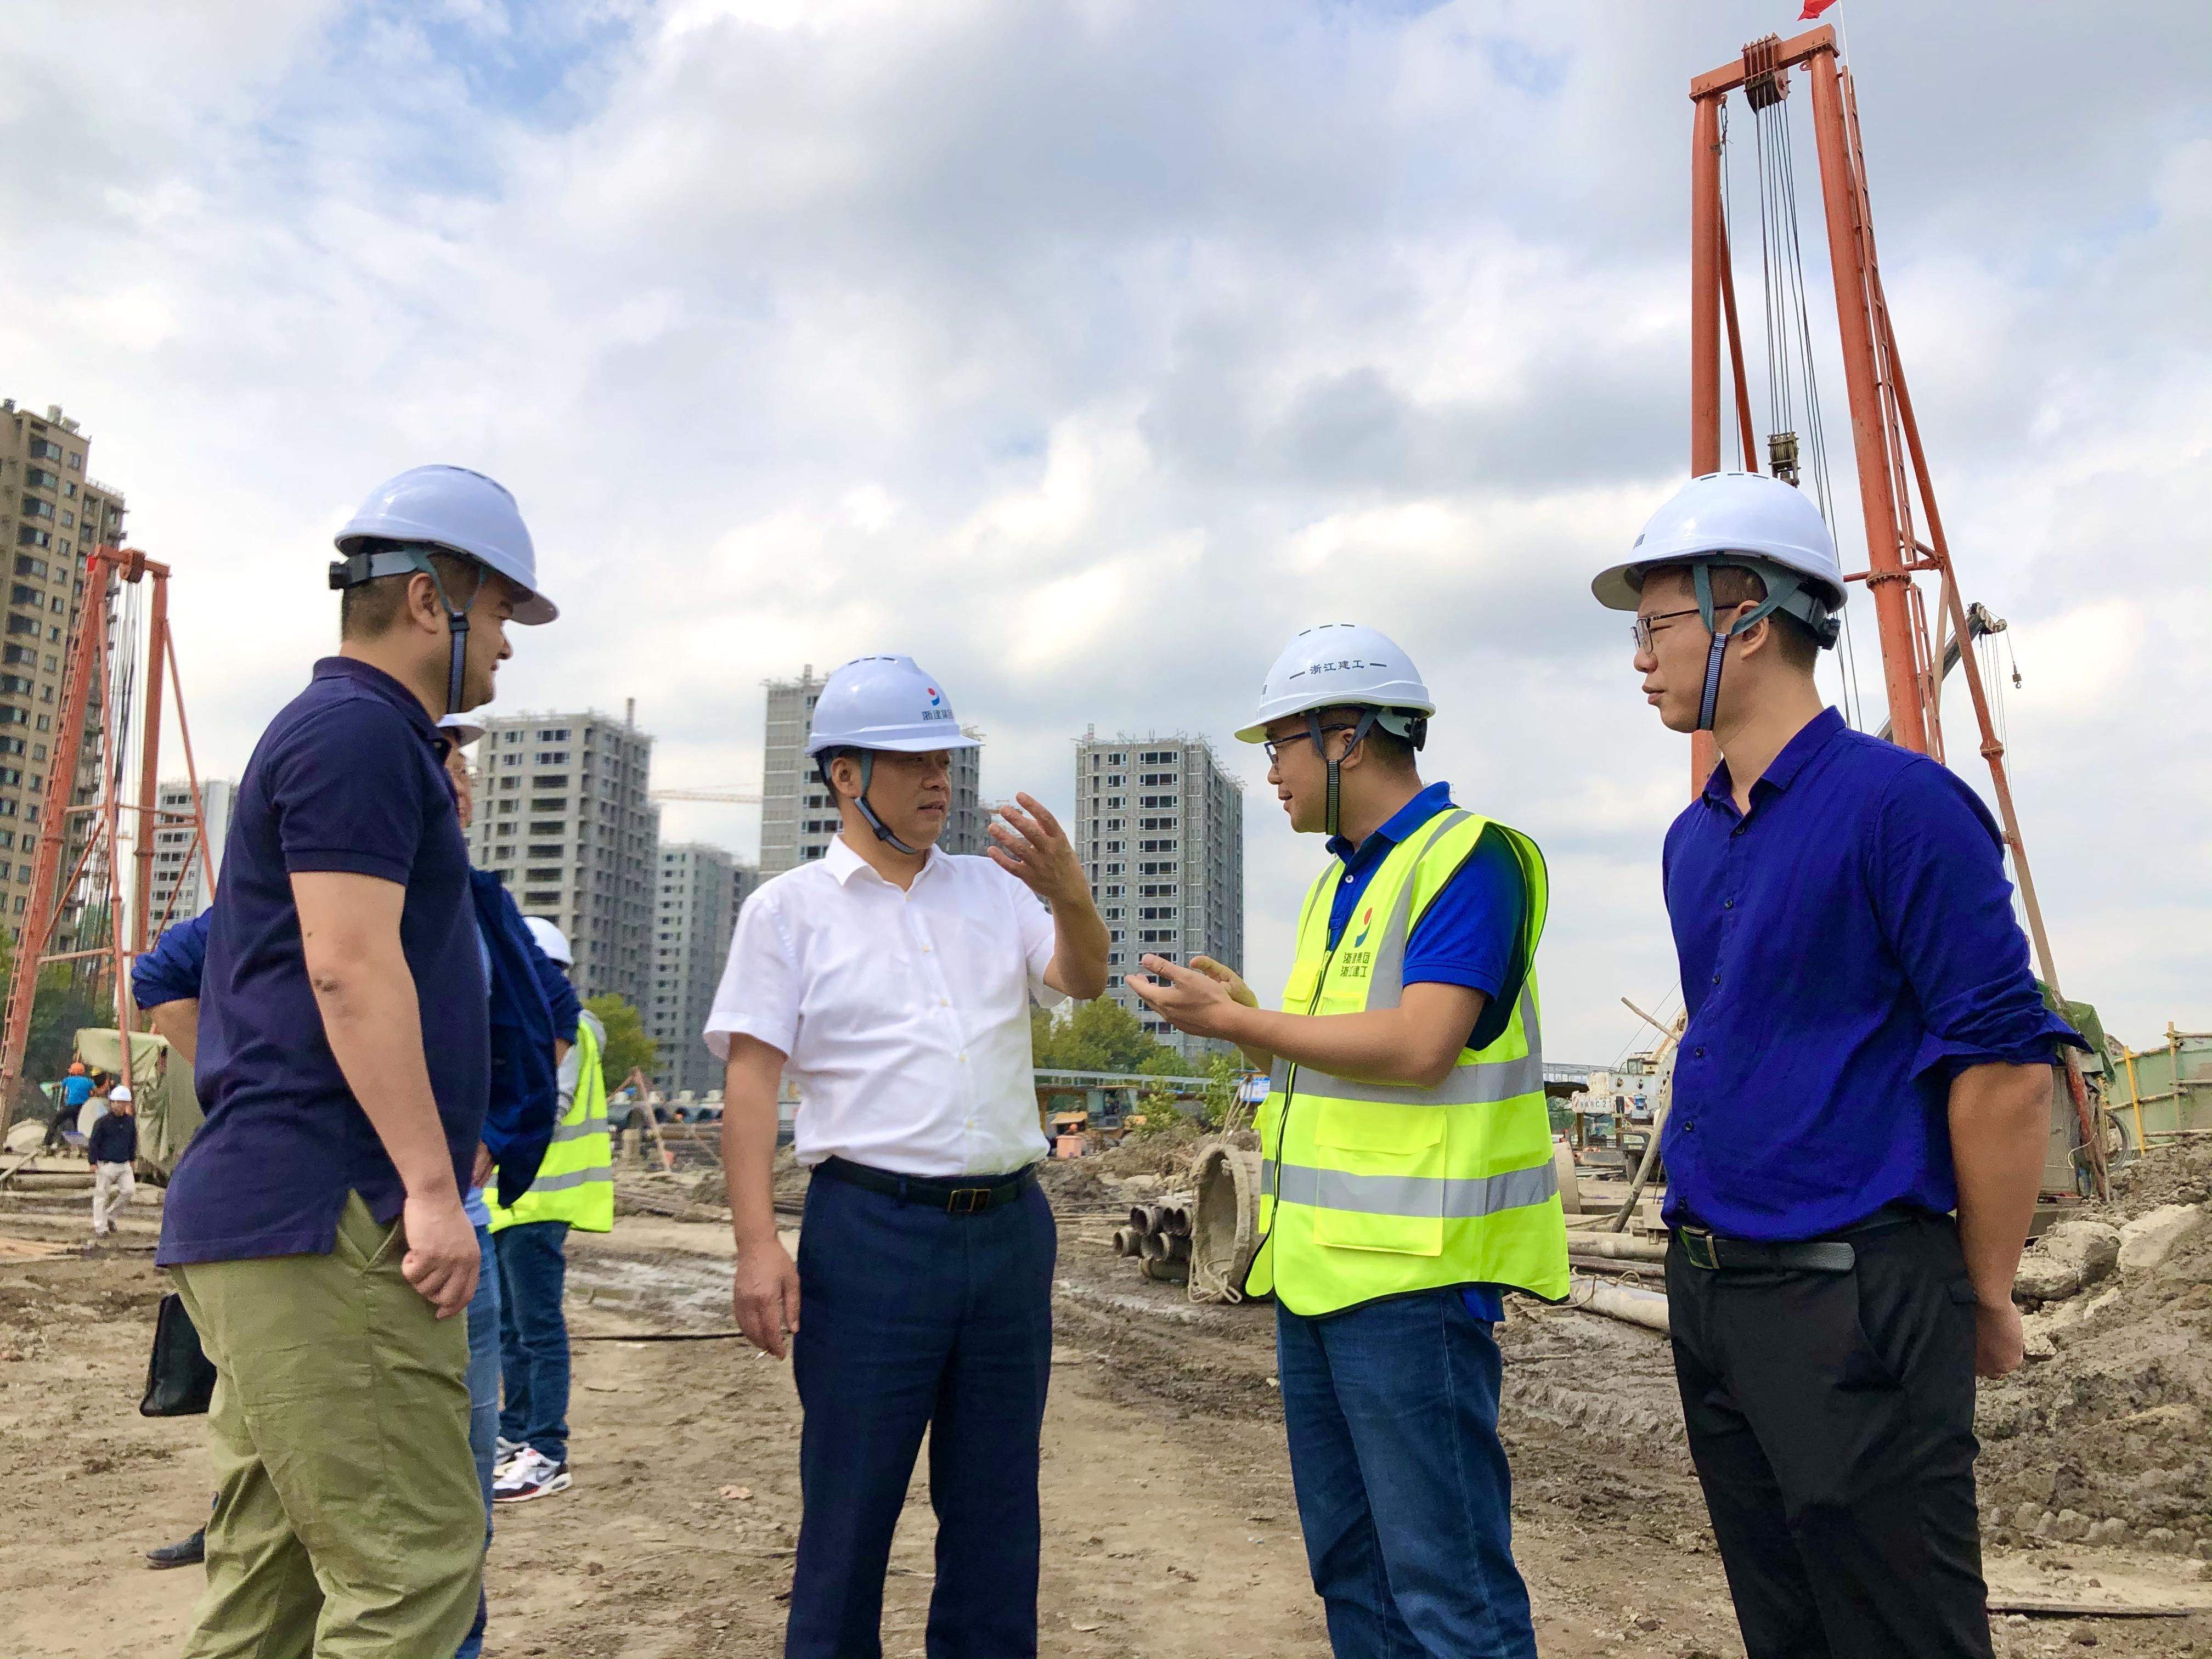 项目长在全省首批未来社区试点创建项目——始版桥未来社区项目蹲点指导.jpg